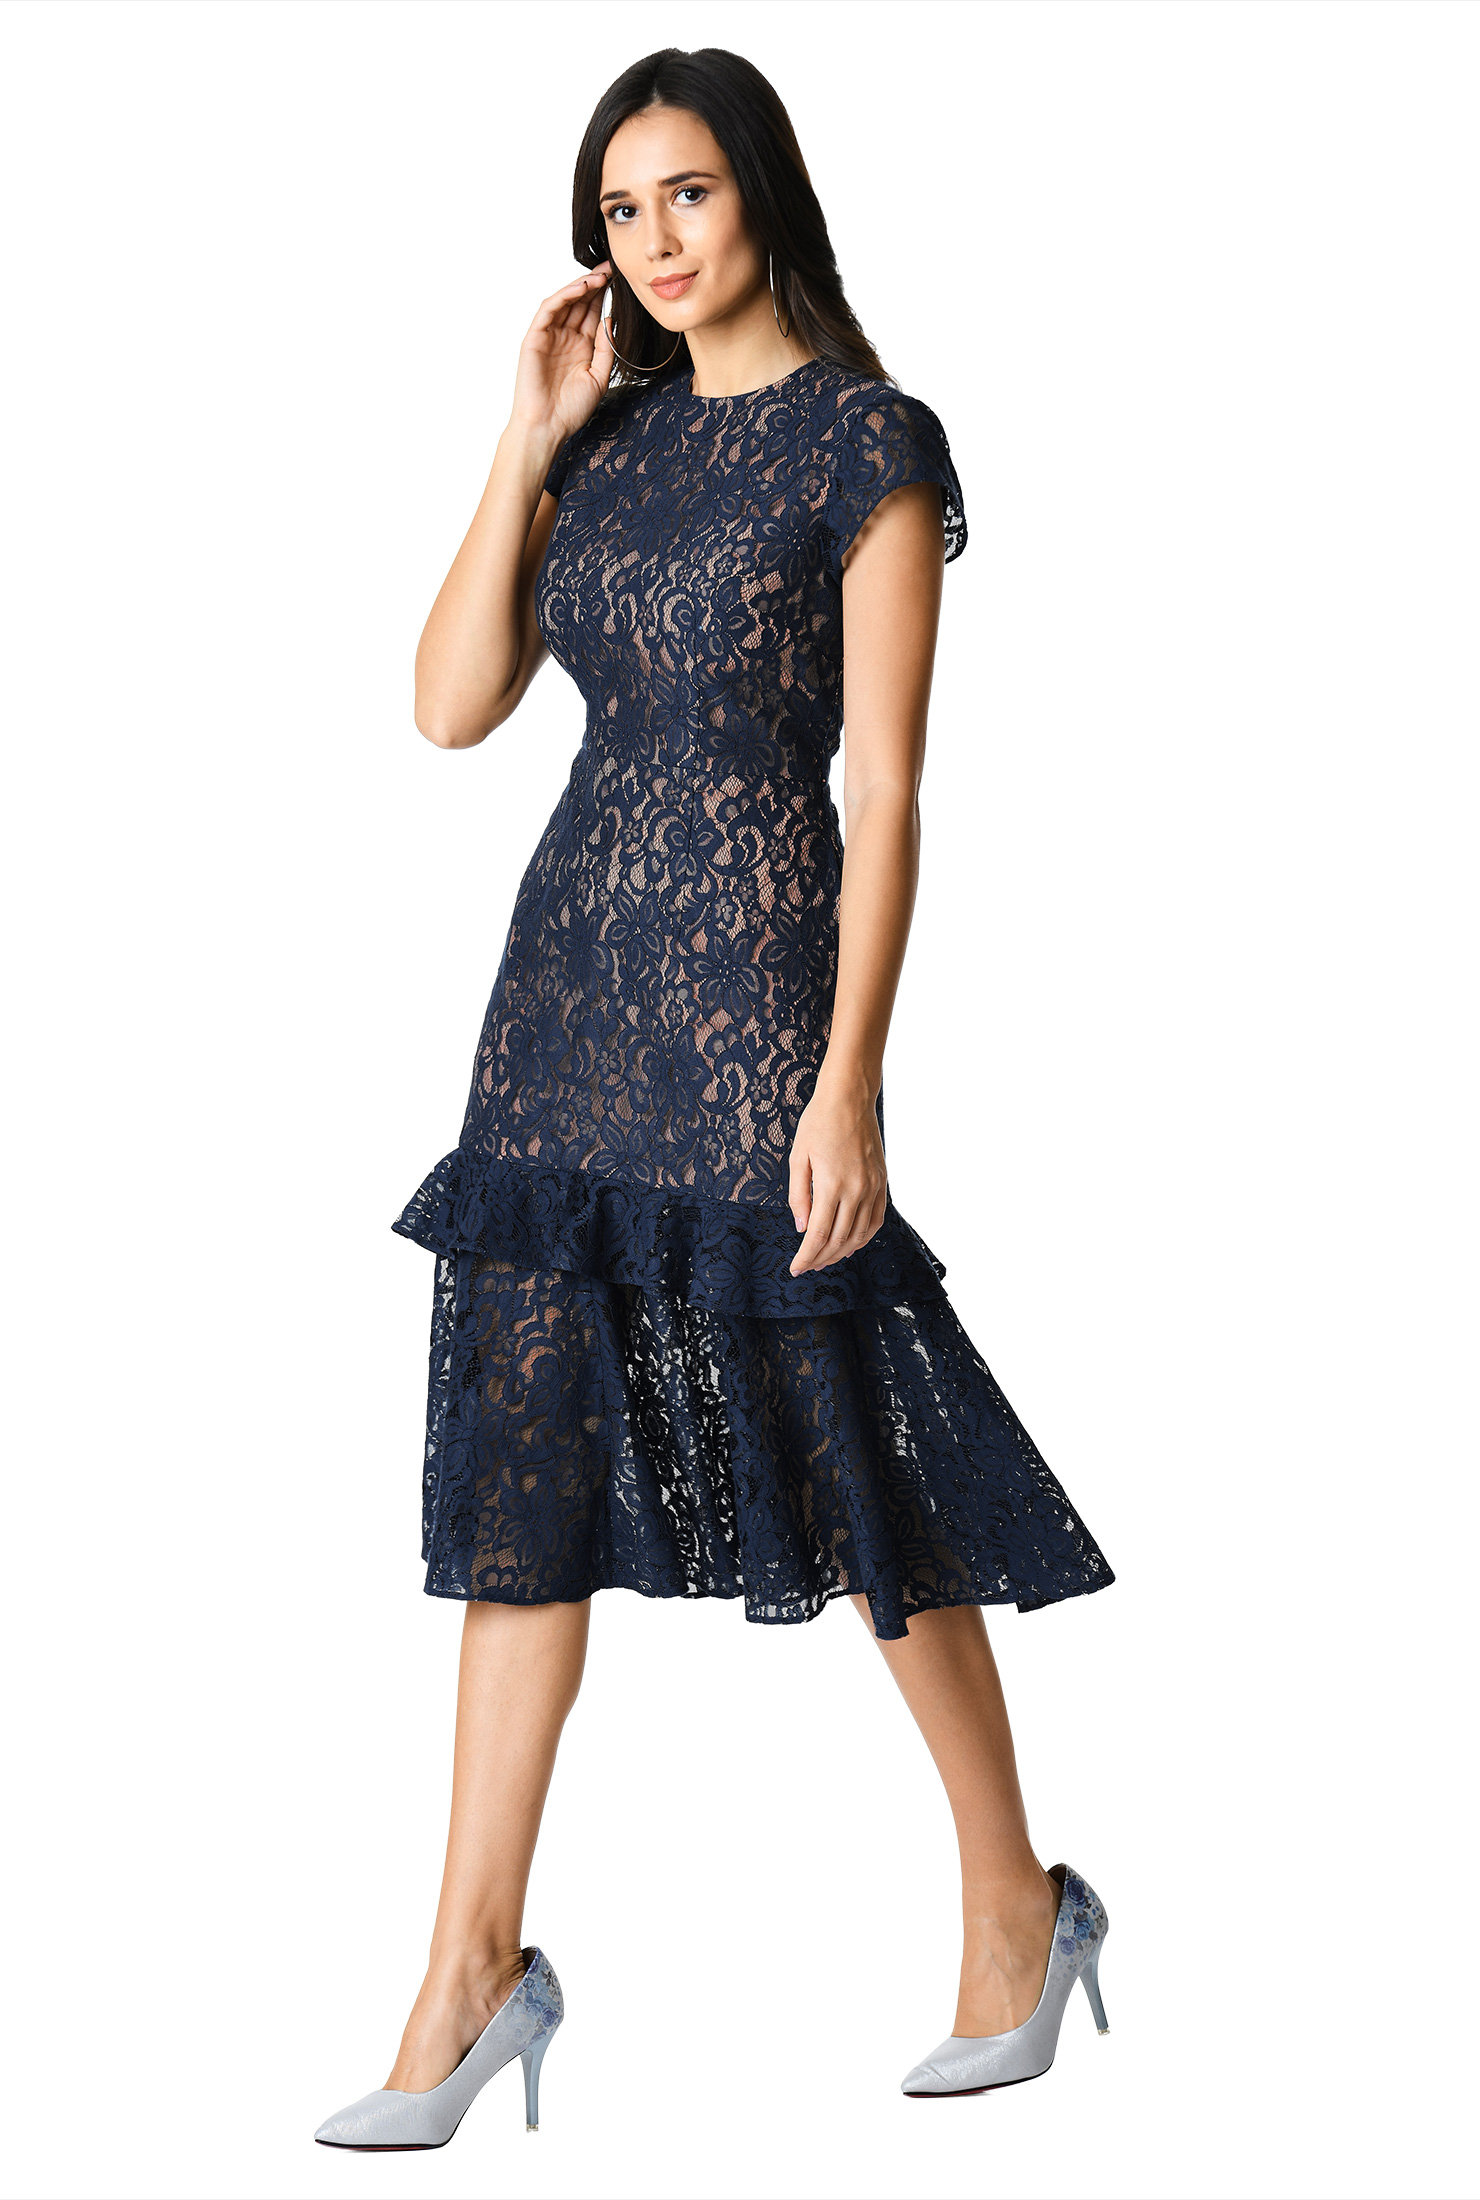 95f6229a73b2 Women s Fashion Clothing 0-36W and Custom